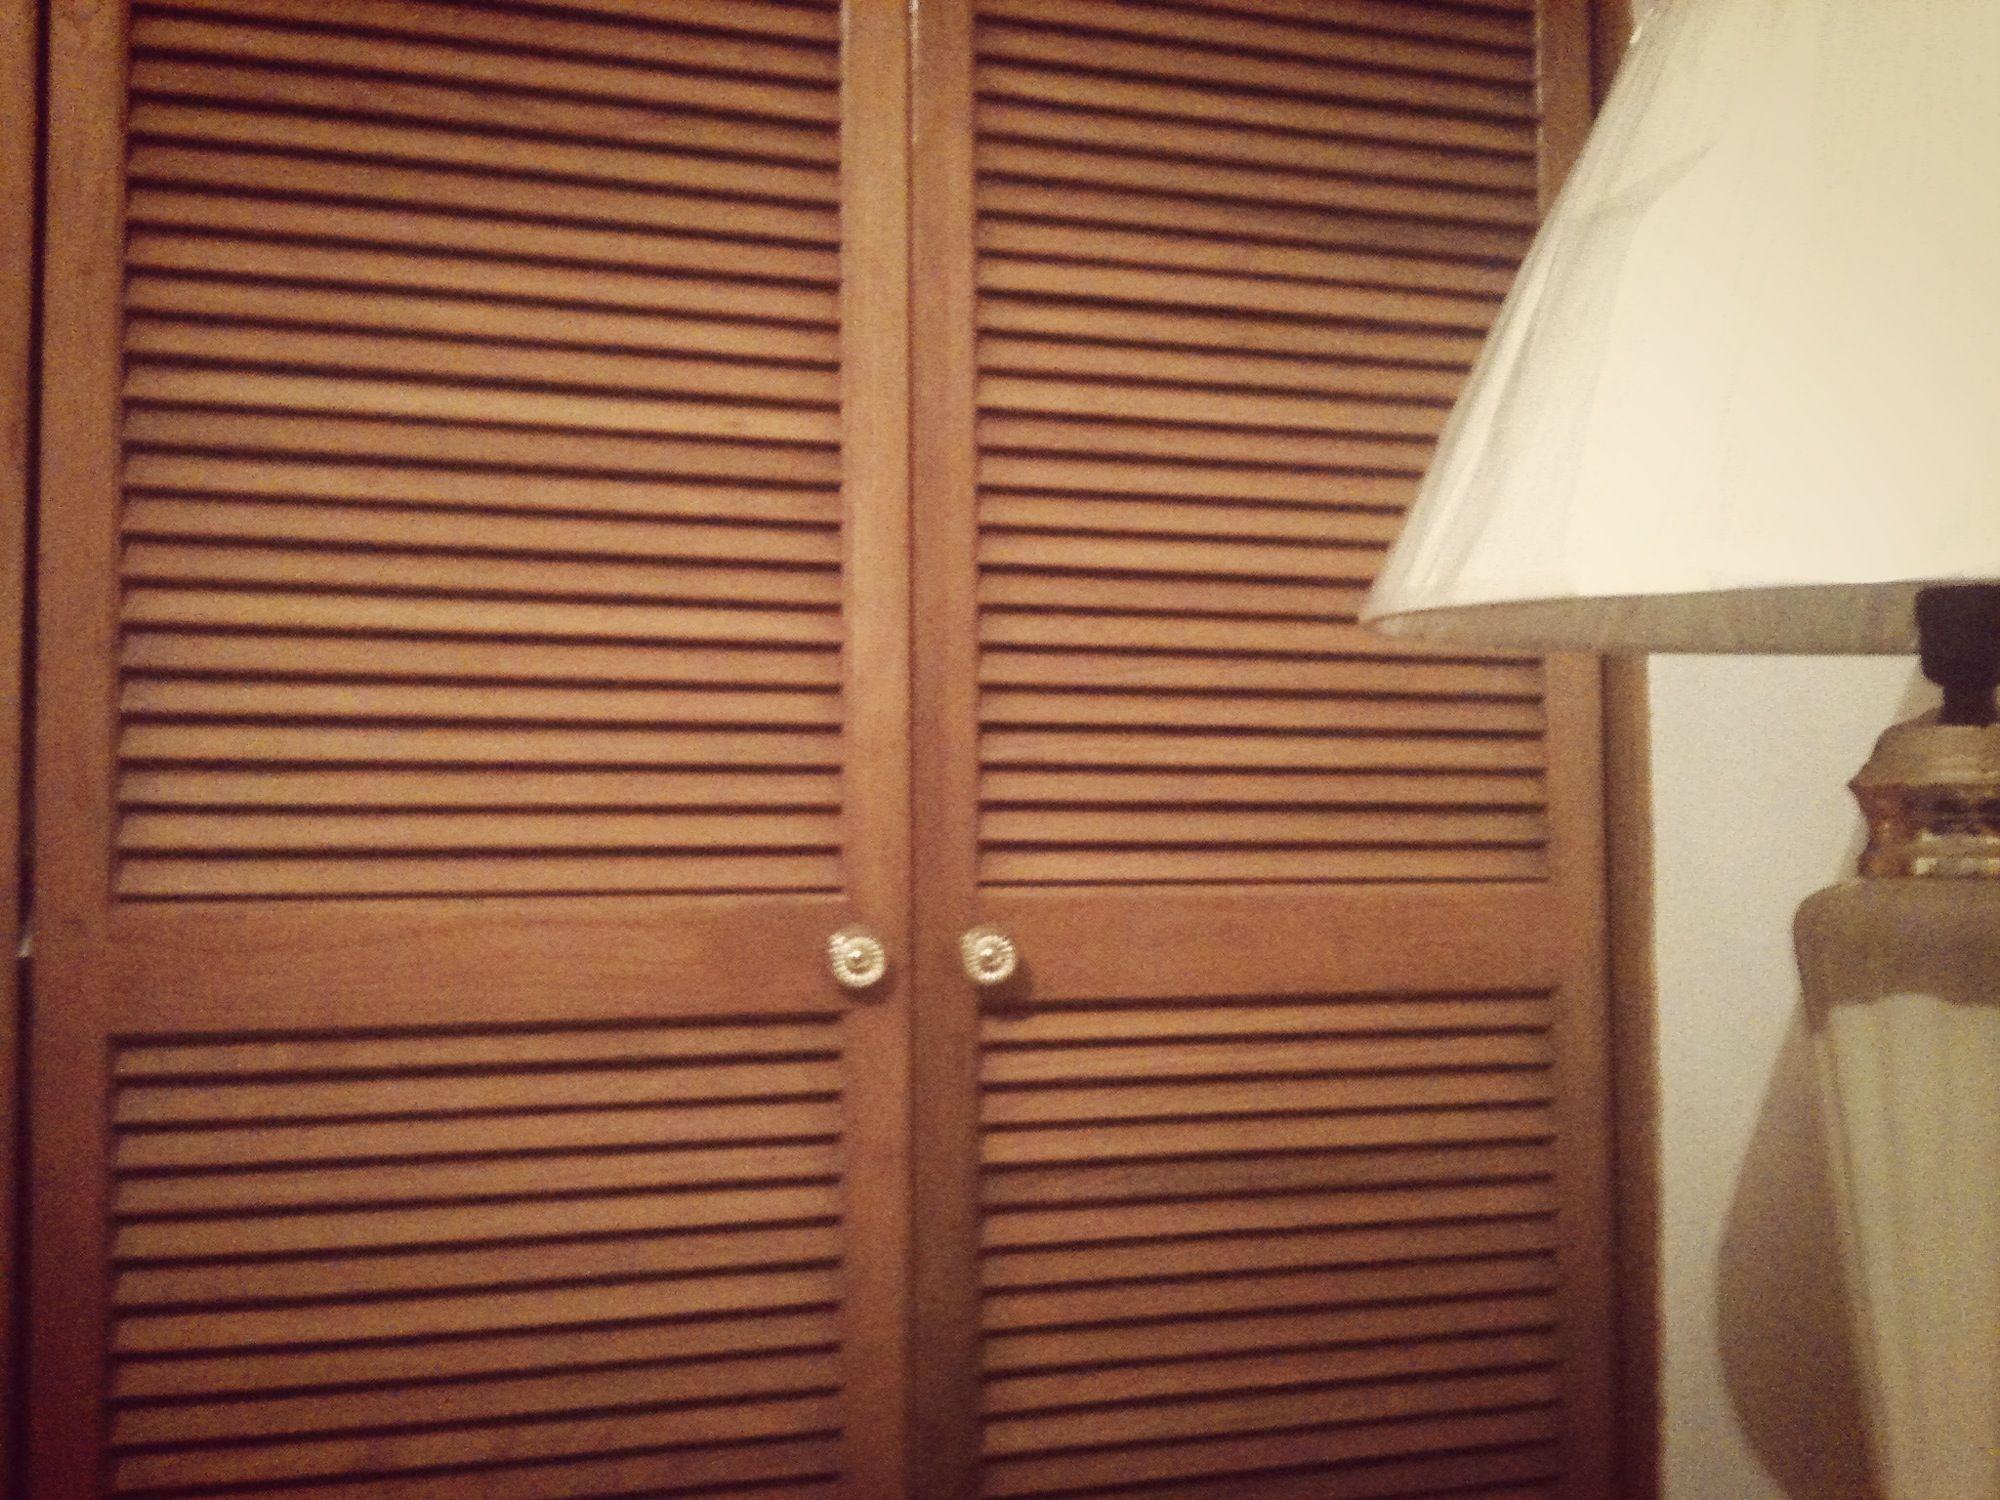 Home depot puertas para closet 28 images closets for Precio de puertas home depot